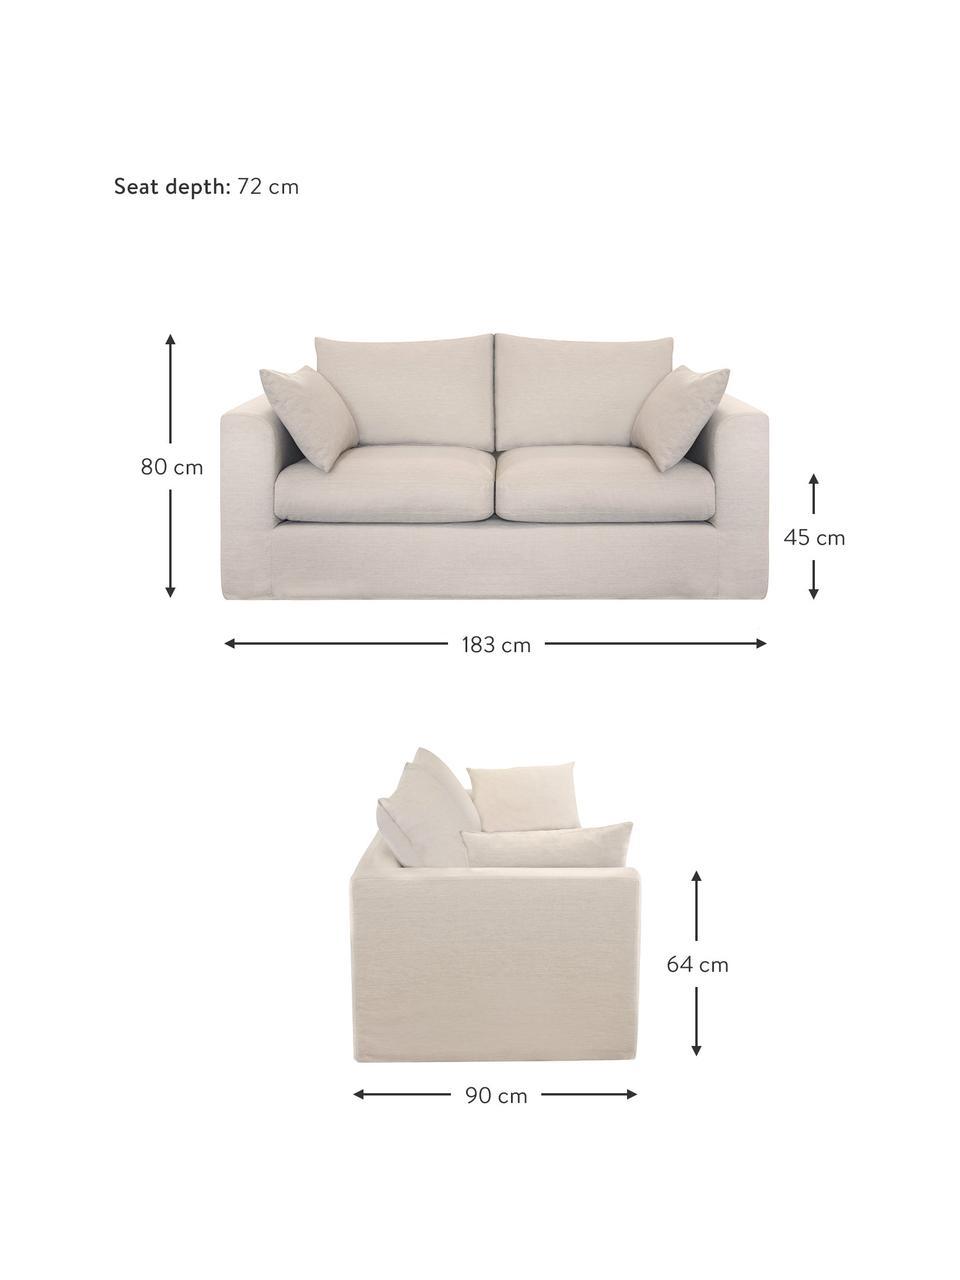 Sofa Zach (2-Sitzer) in Beige, Bezug: Polypropylen Der hochwert, Füße: Kunststoff, Webstoff Beige, B 183 x T 90 cm